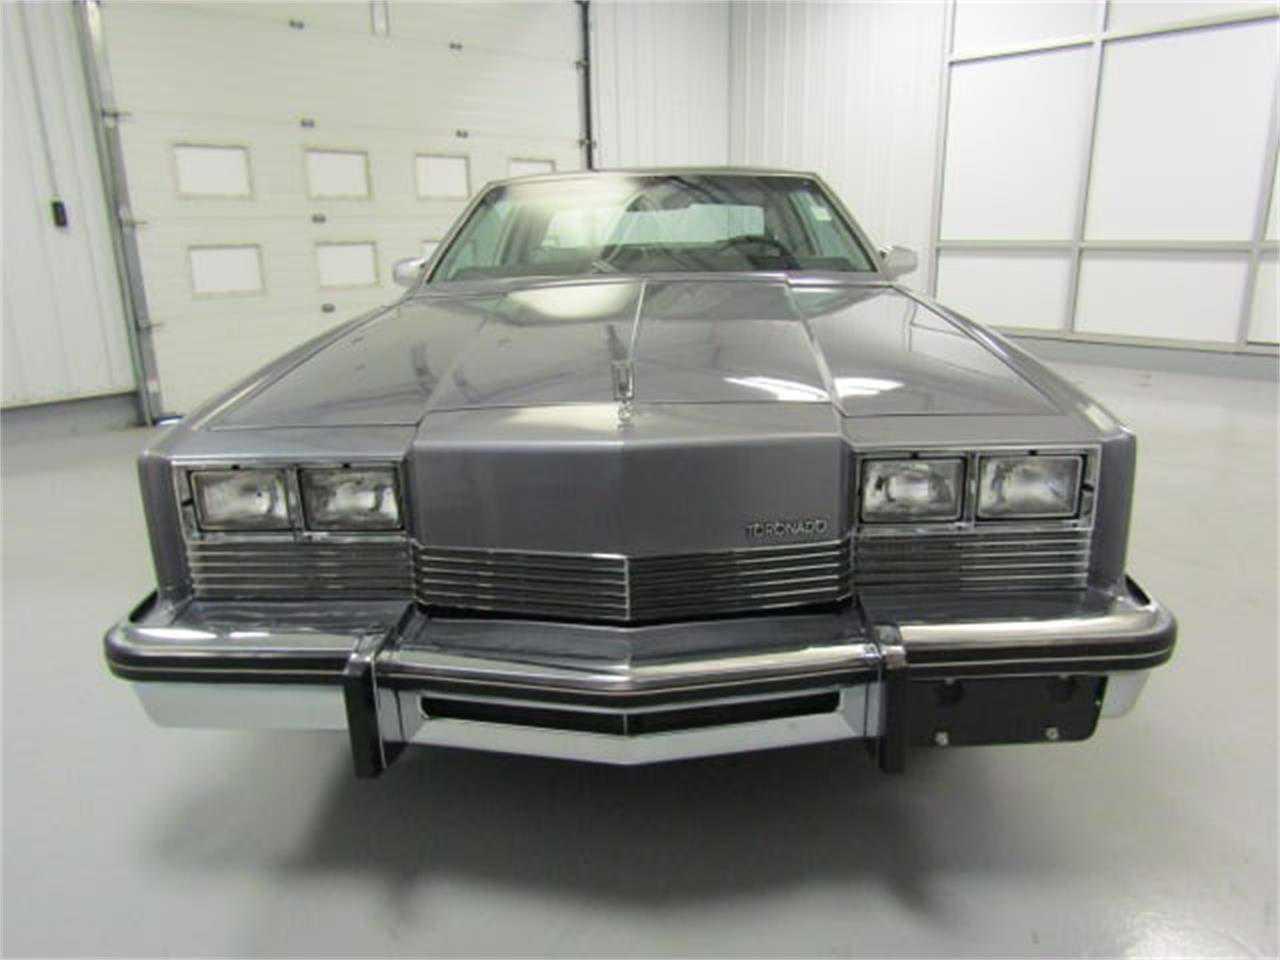 1982 Oldsmobile Toronado for sale in Christiansburg, VA ...